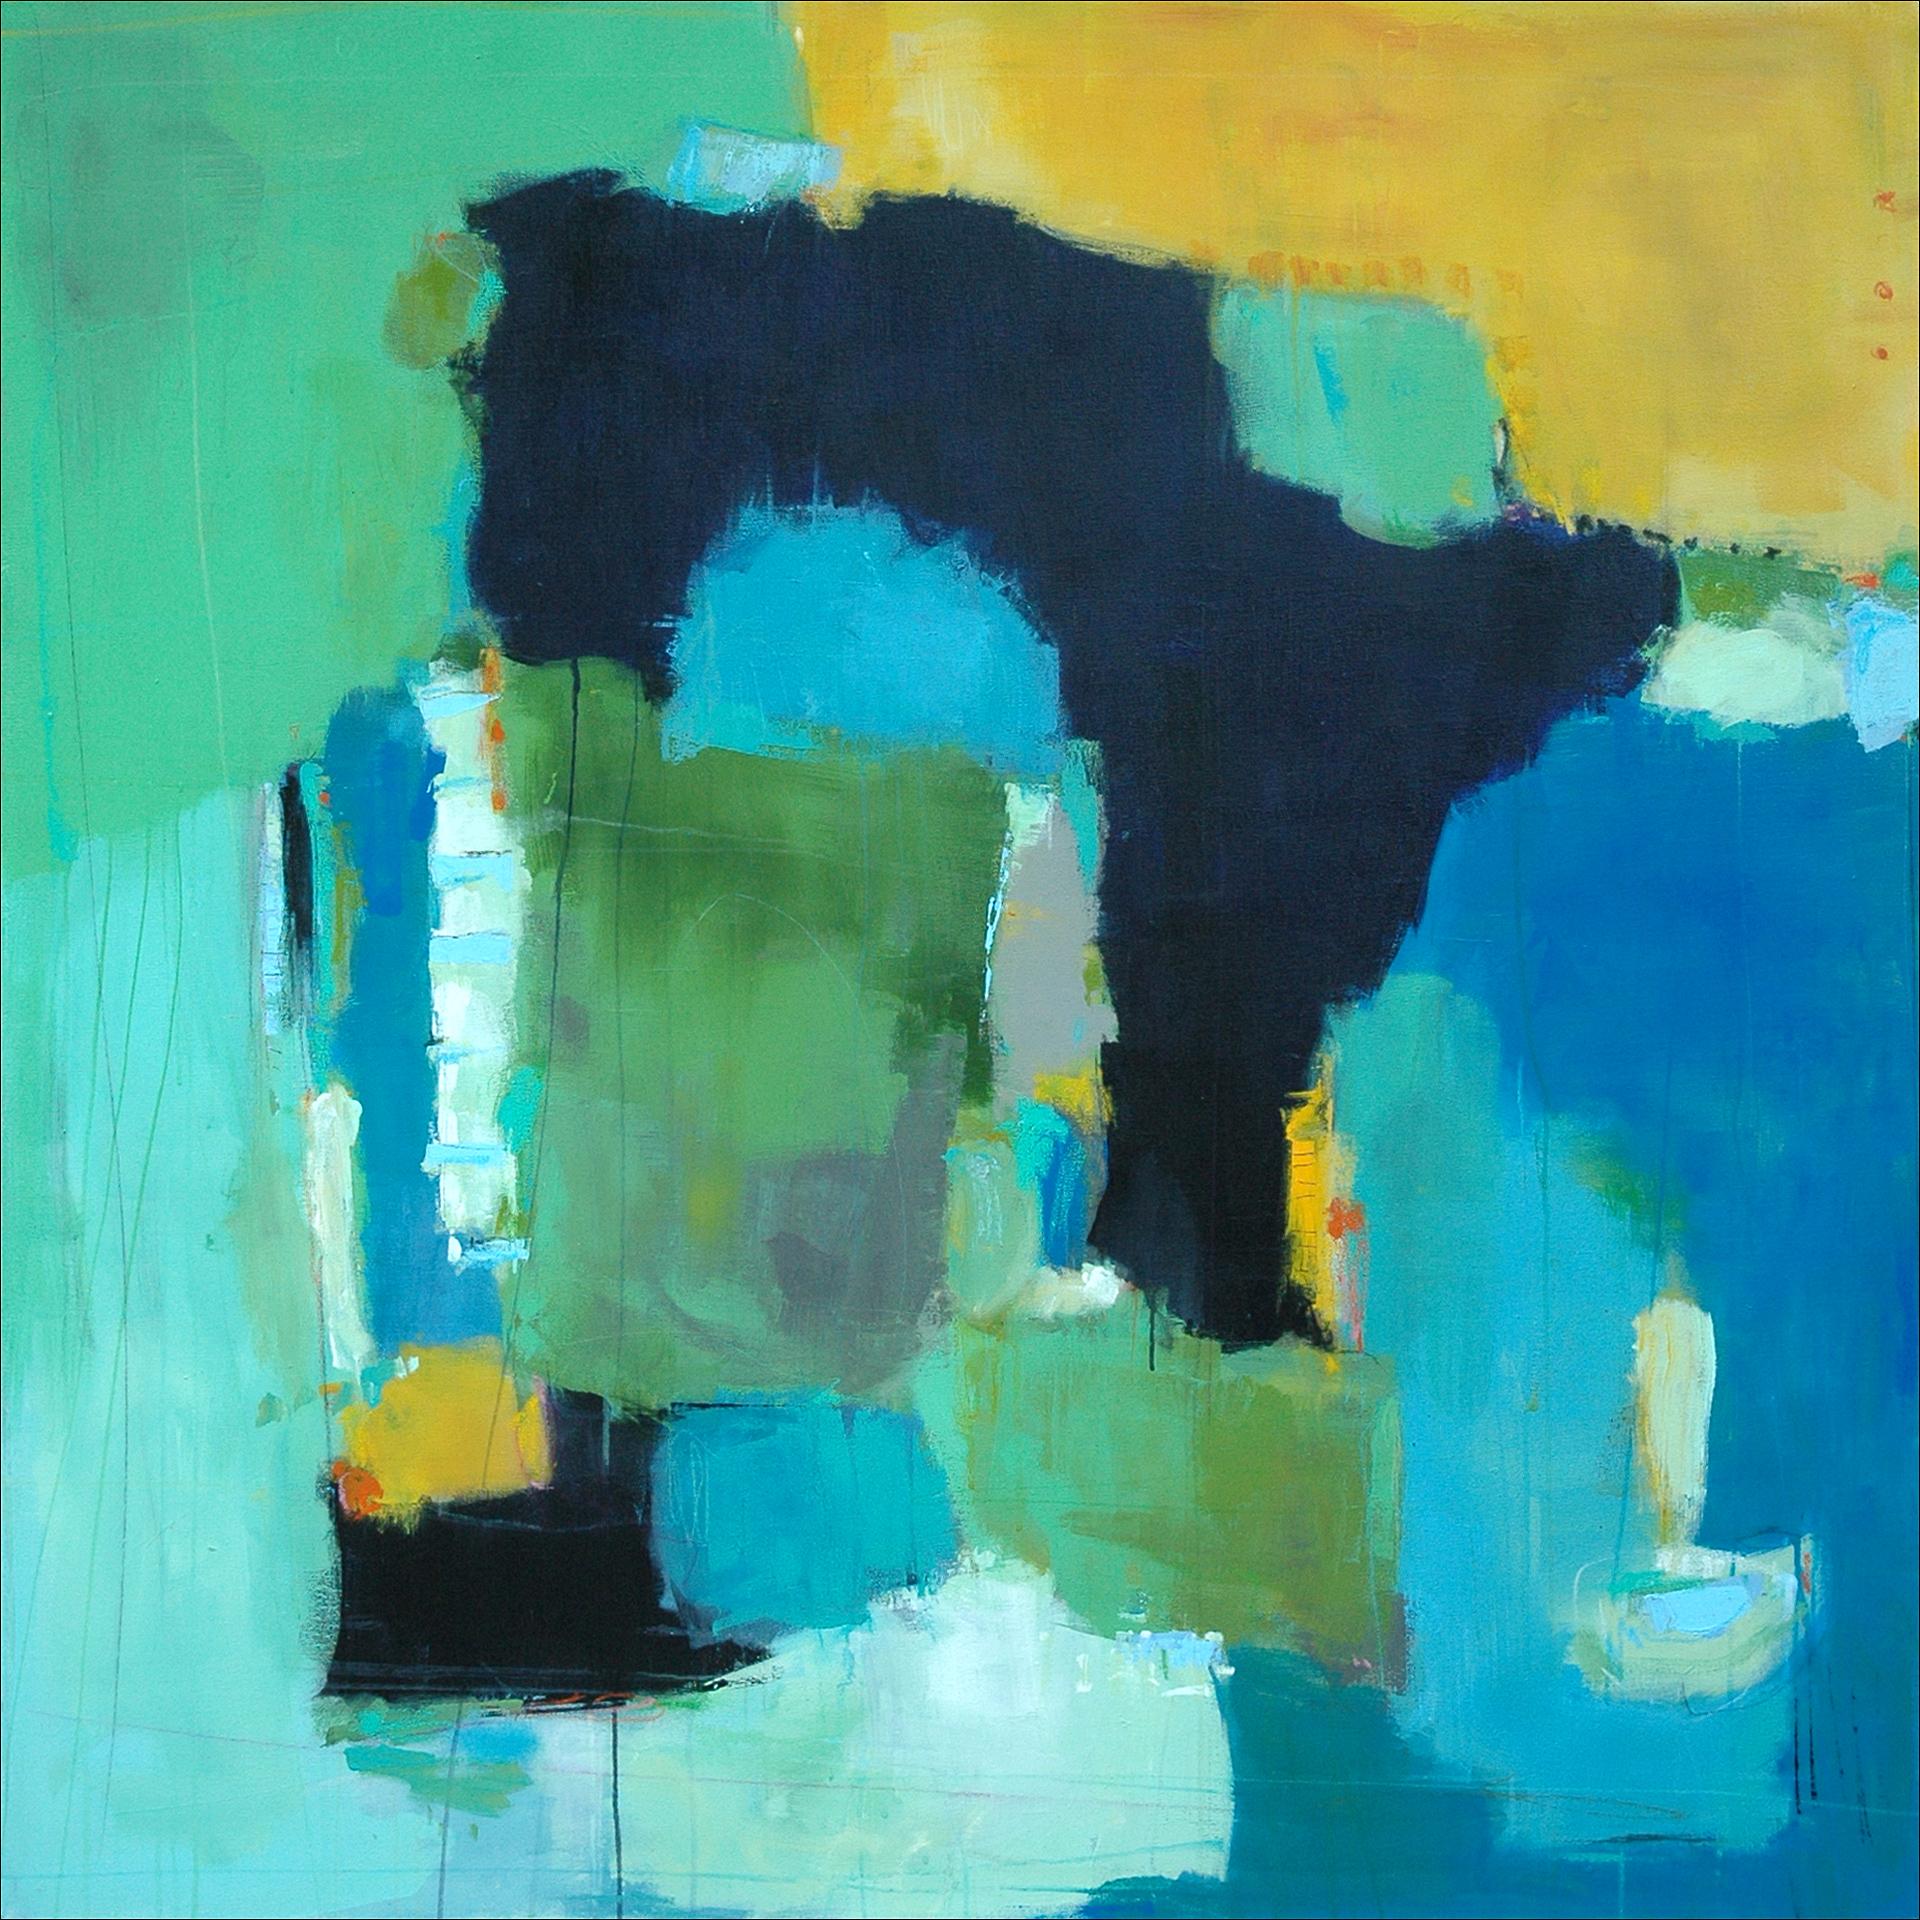 Canvas 49x49 a.jpg